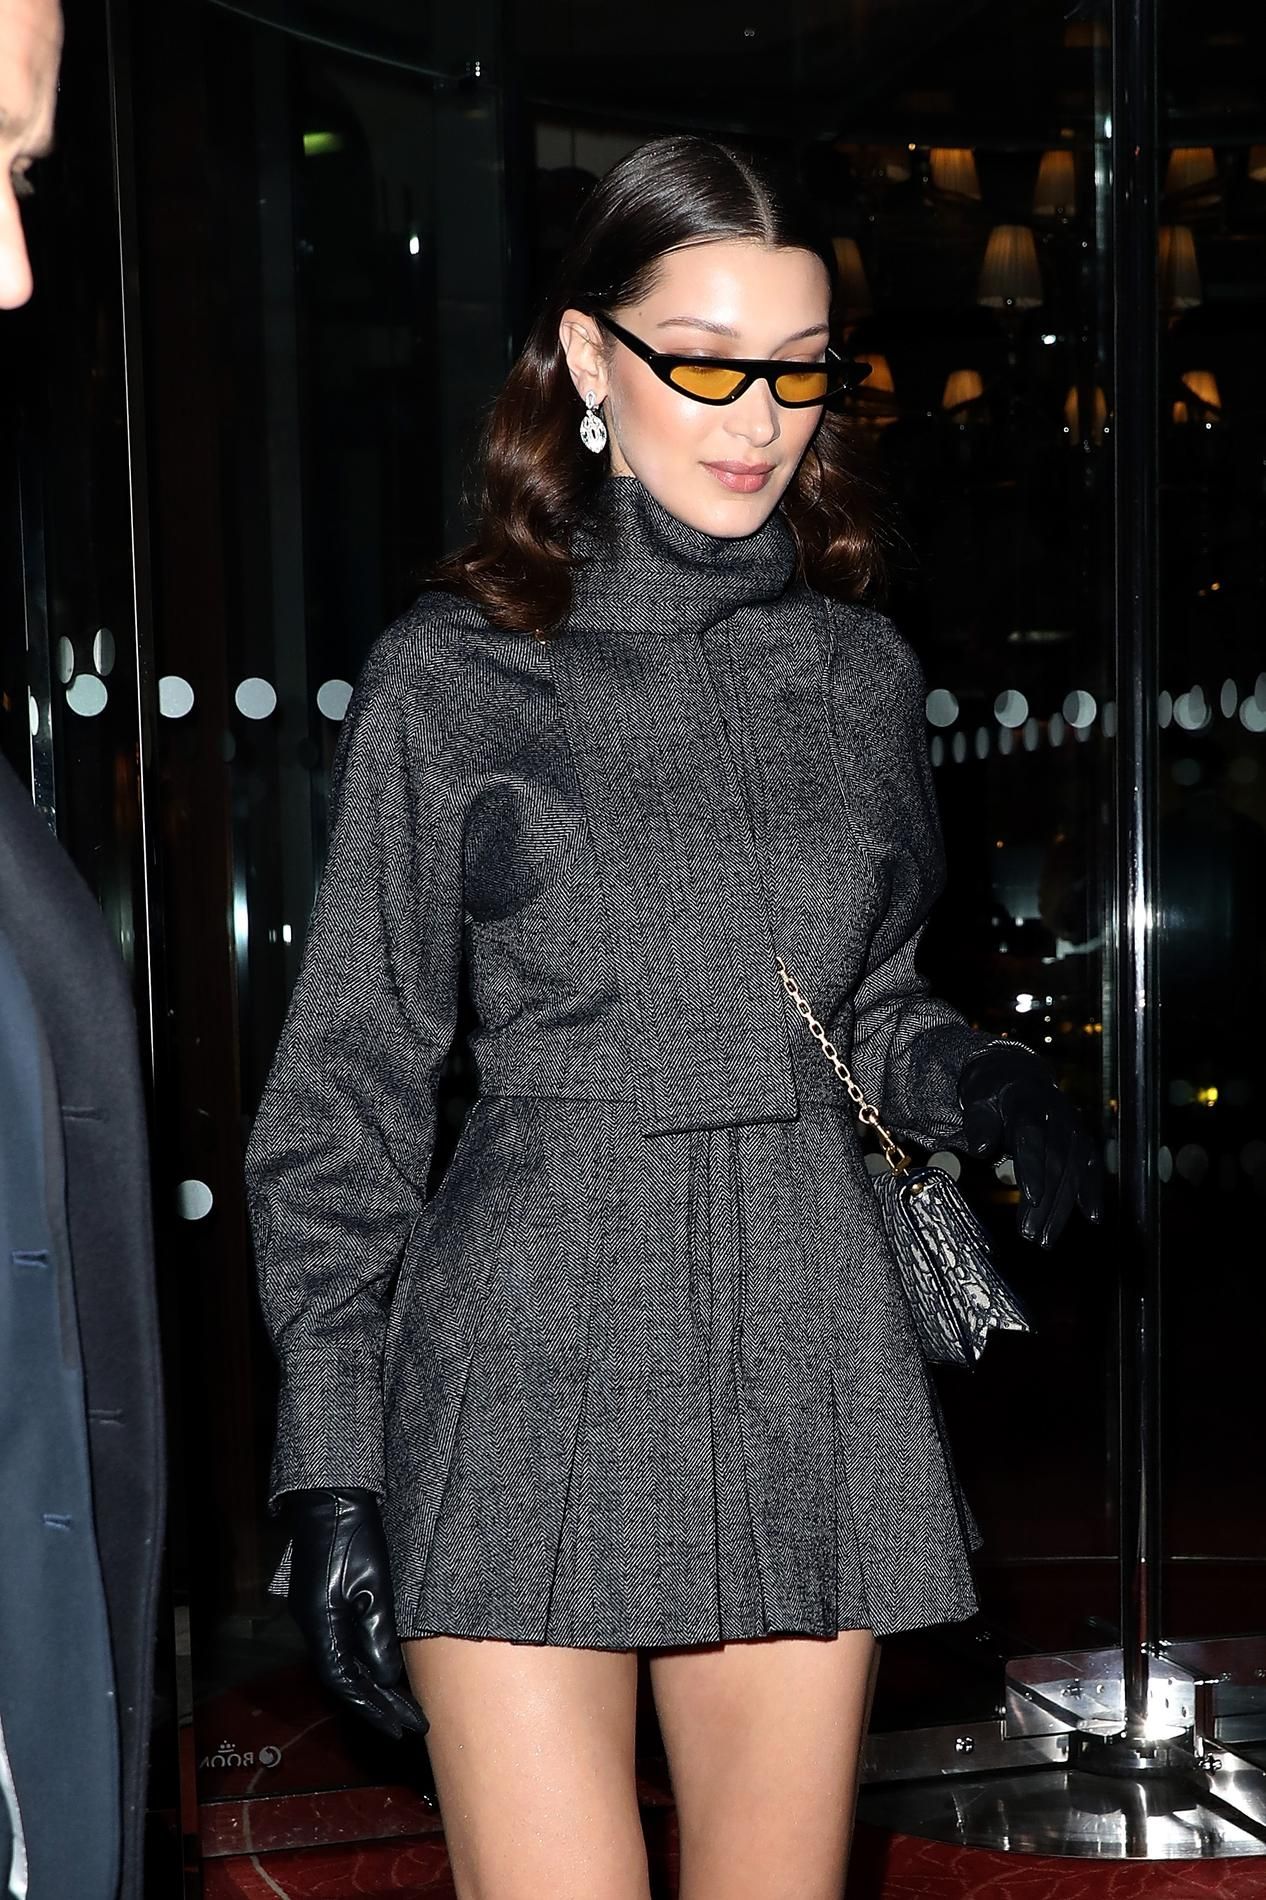 c0de61cca3d9db ... Le cru printemps-été 2018 de lunettes de soleil - Inspiration Bella  Hadid ...